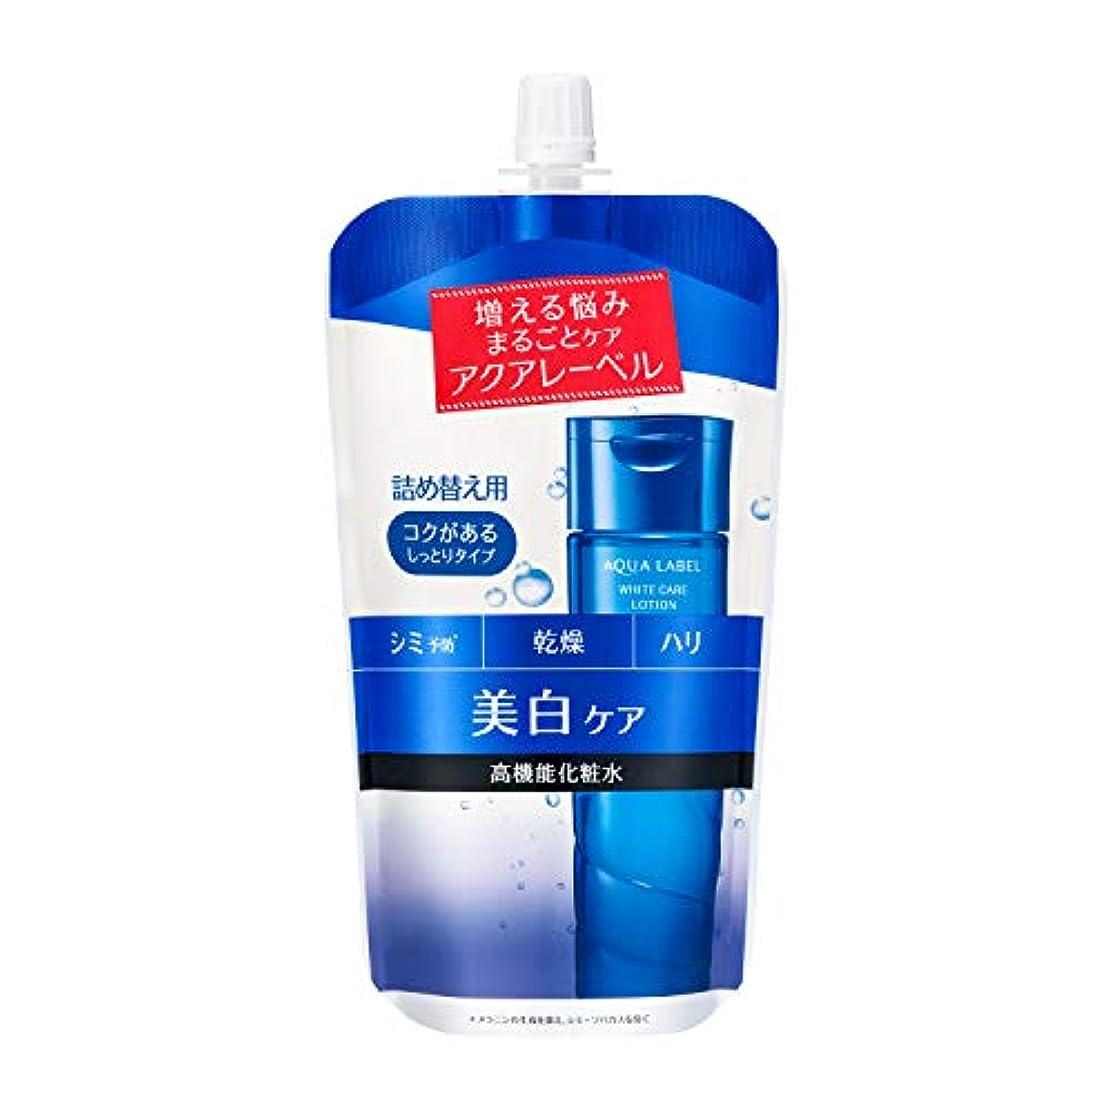 アクアレーベル ホワイトケア ローション RM (詰め替え用) 180mL 【医薬部外品】